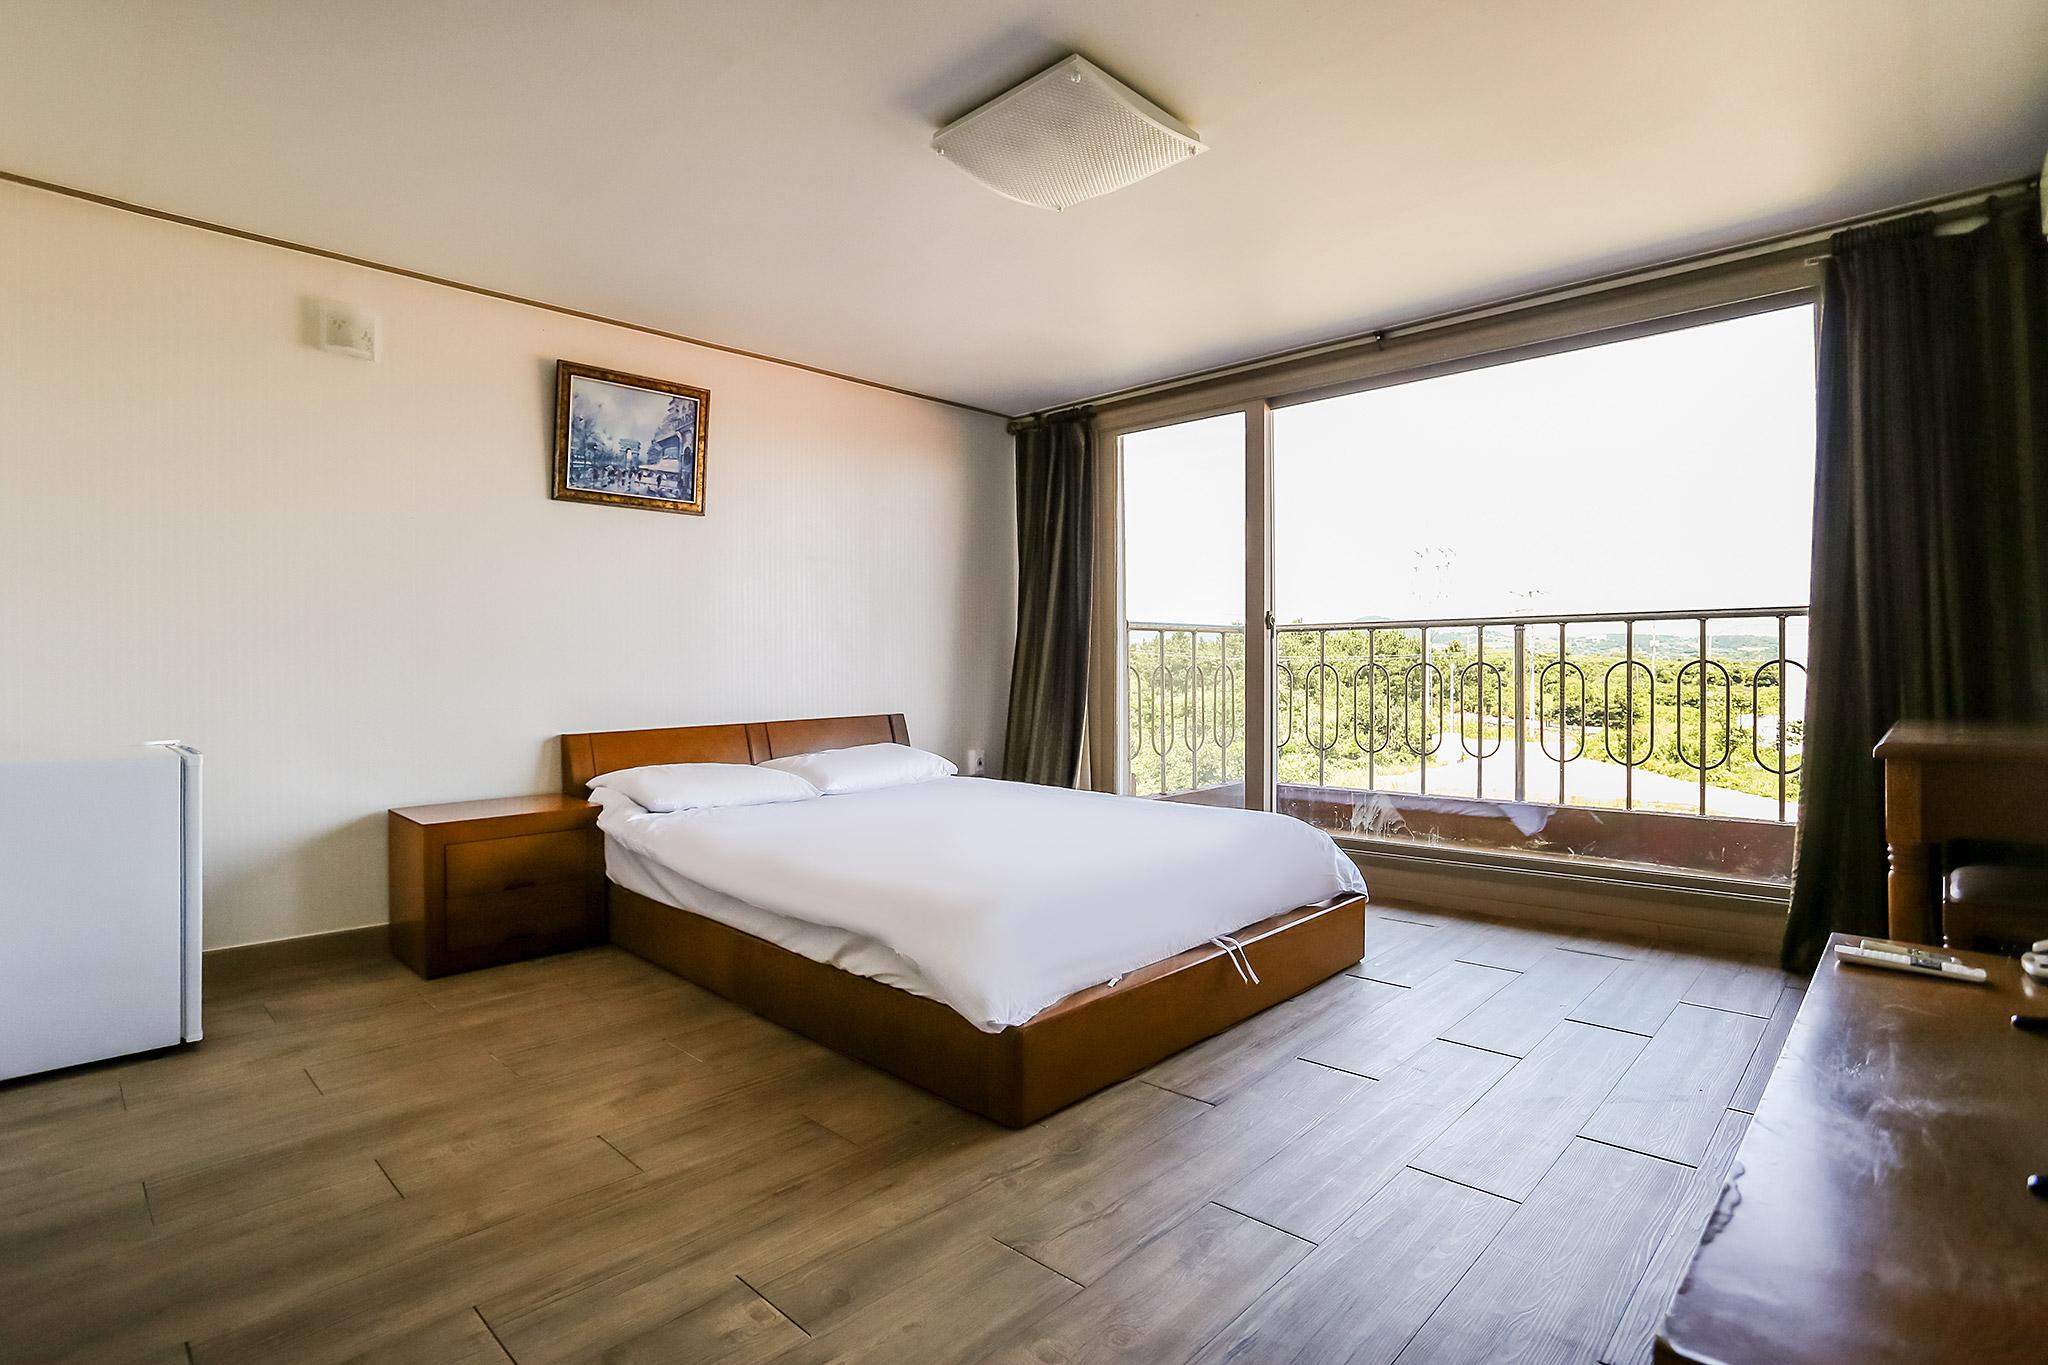 서귀포(성산) 엔파제주호텔 이미지1